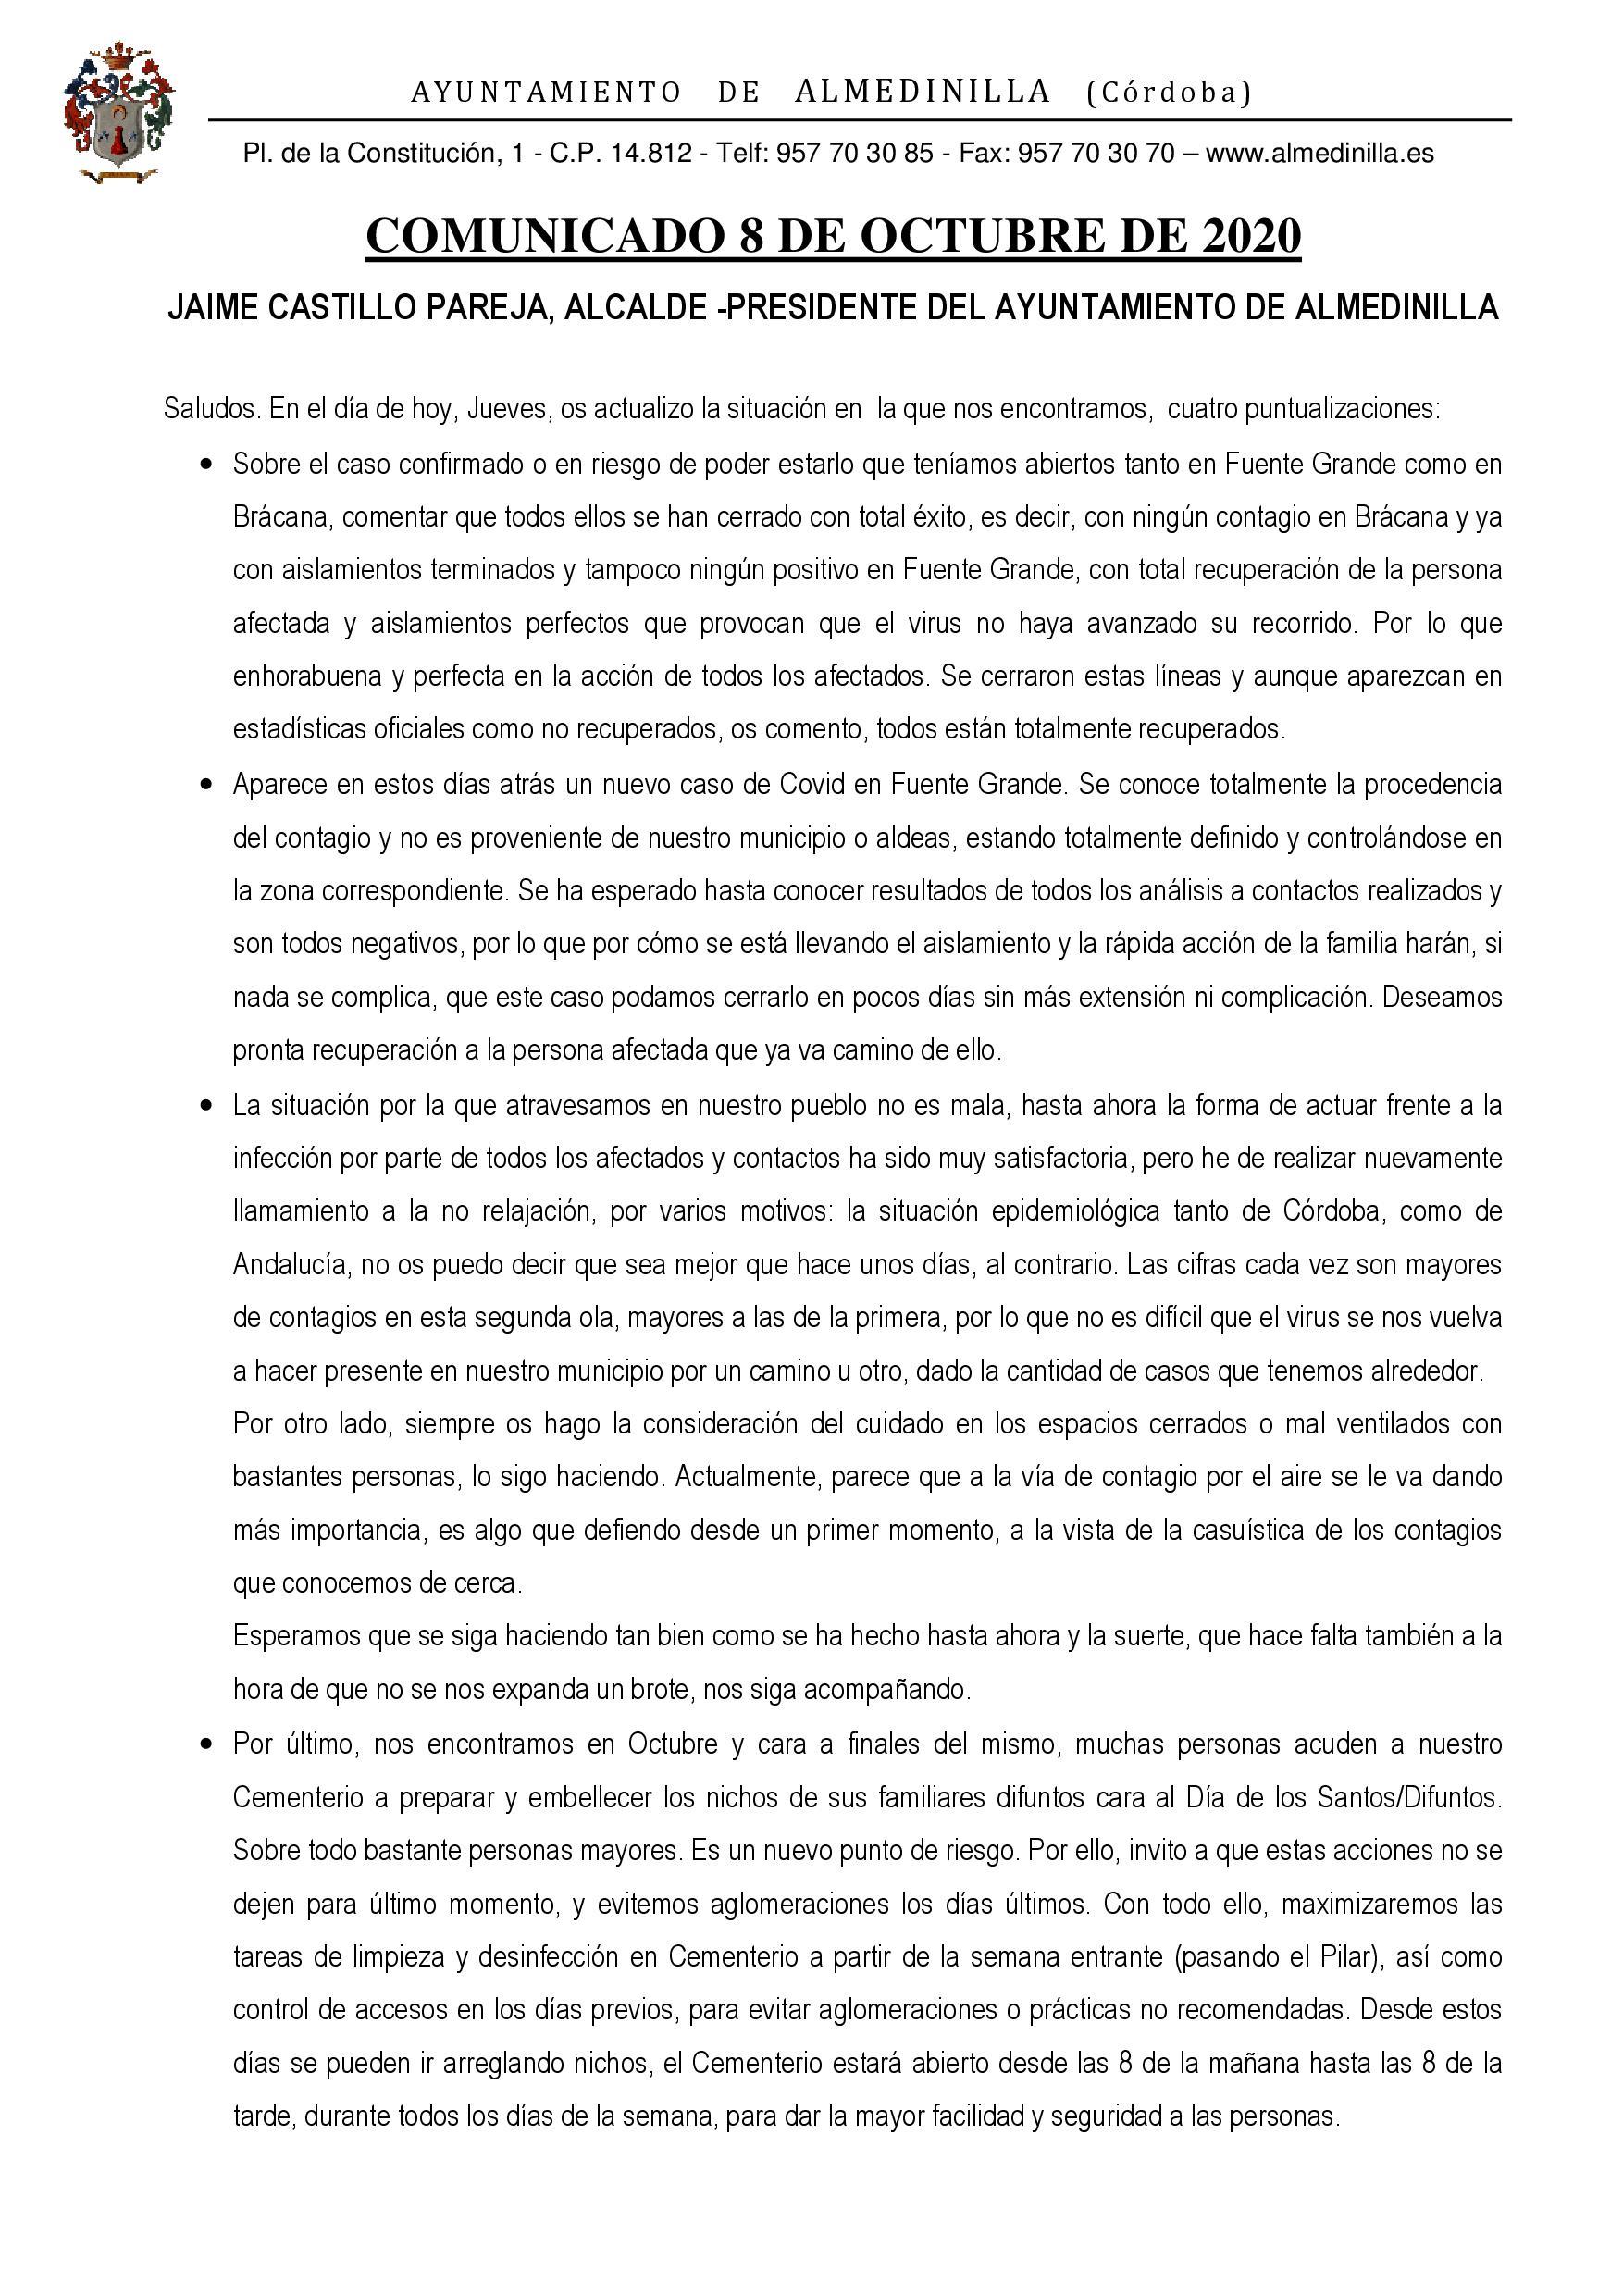 Comunicado de nuestro alcalde sobre la situación actual del Covid19 1